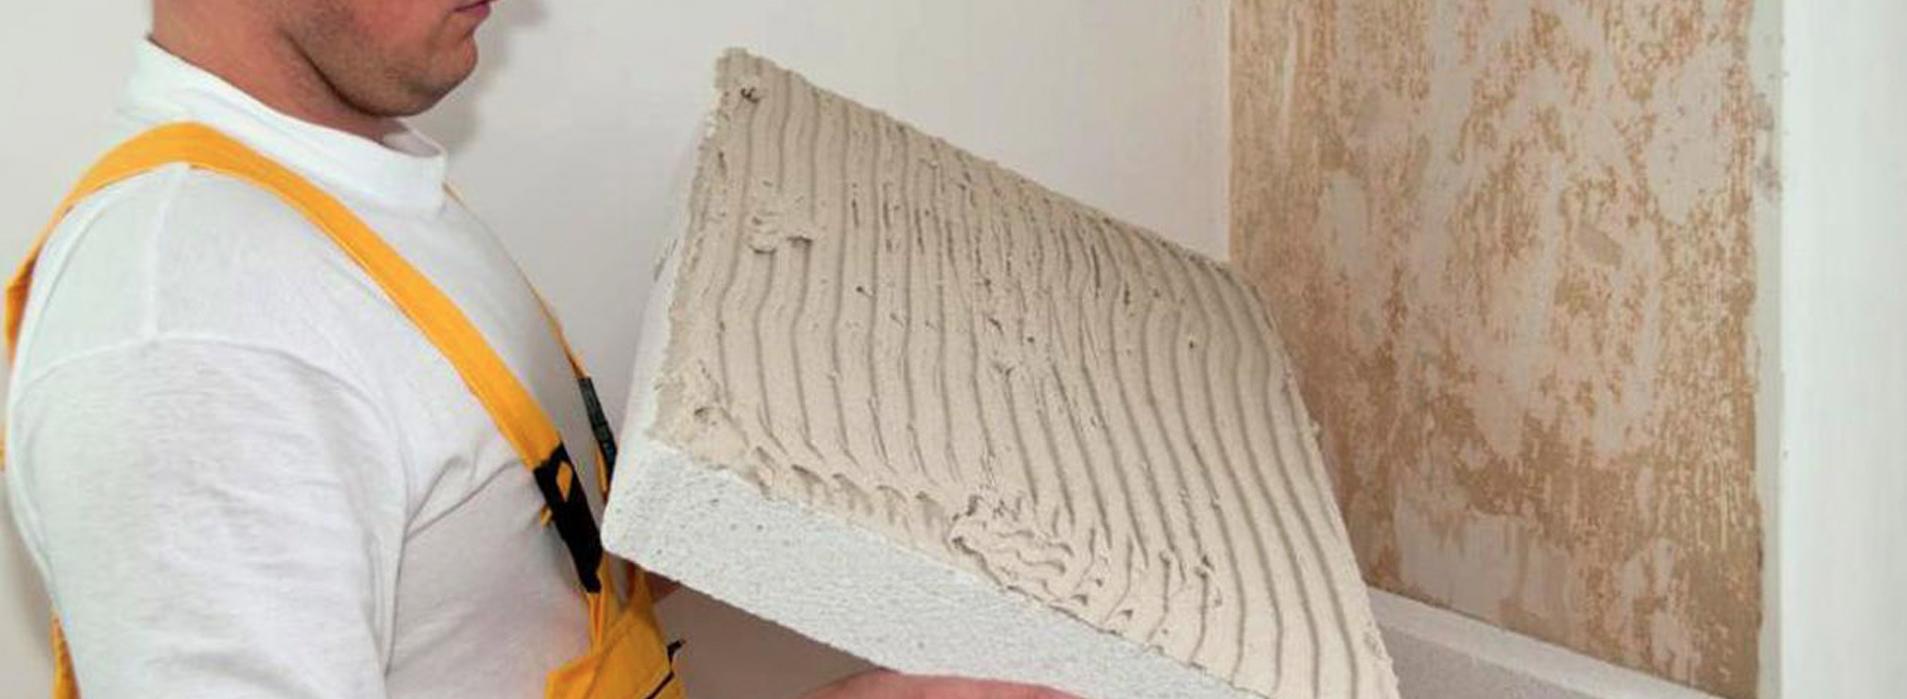 Как утеплить кирпичную стену изнутри или борьба с плесенью в квартире — своими руками дом и сад